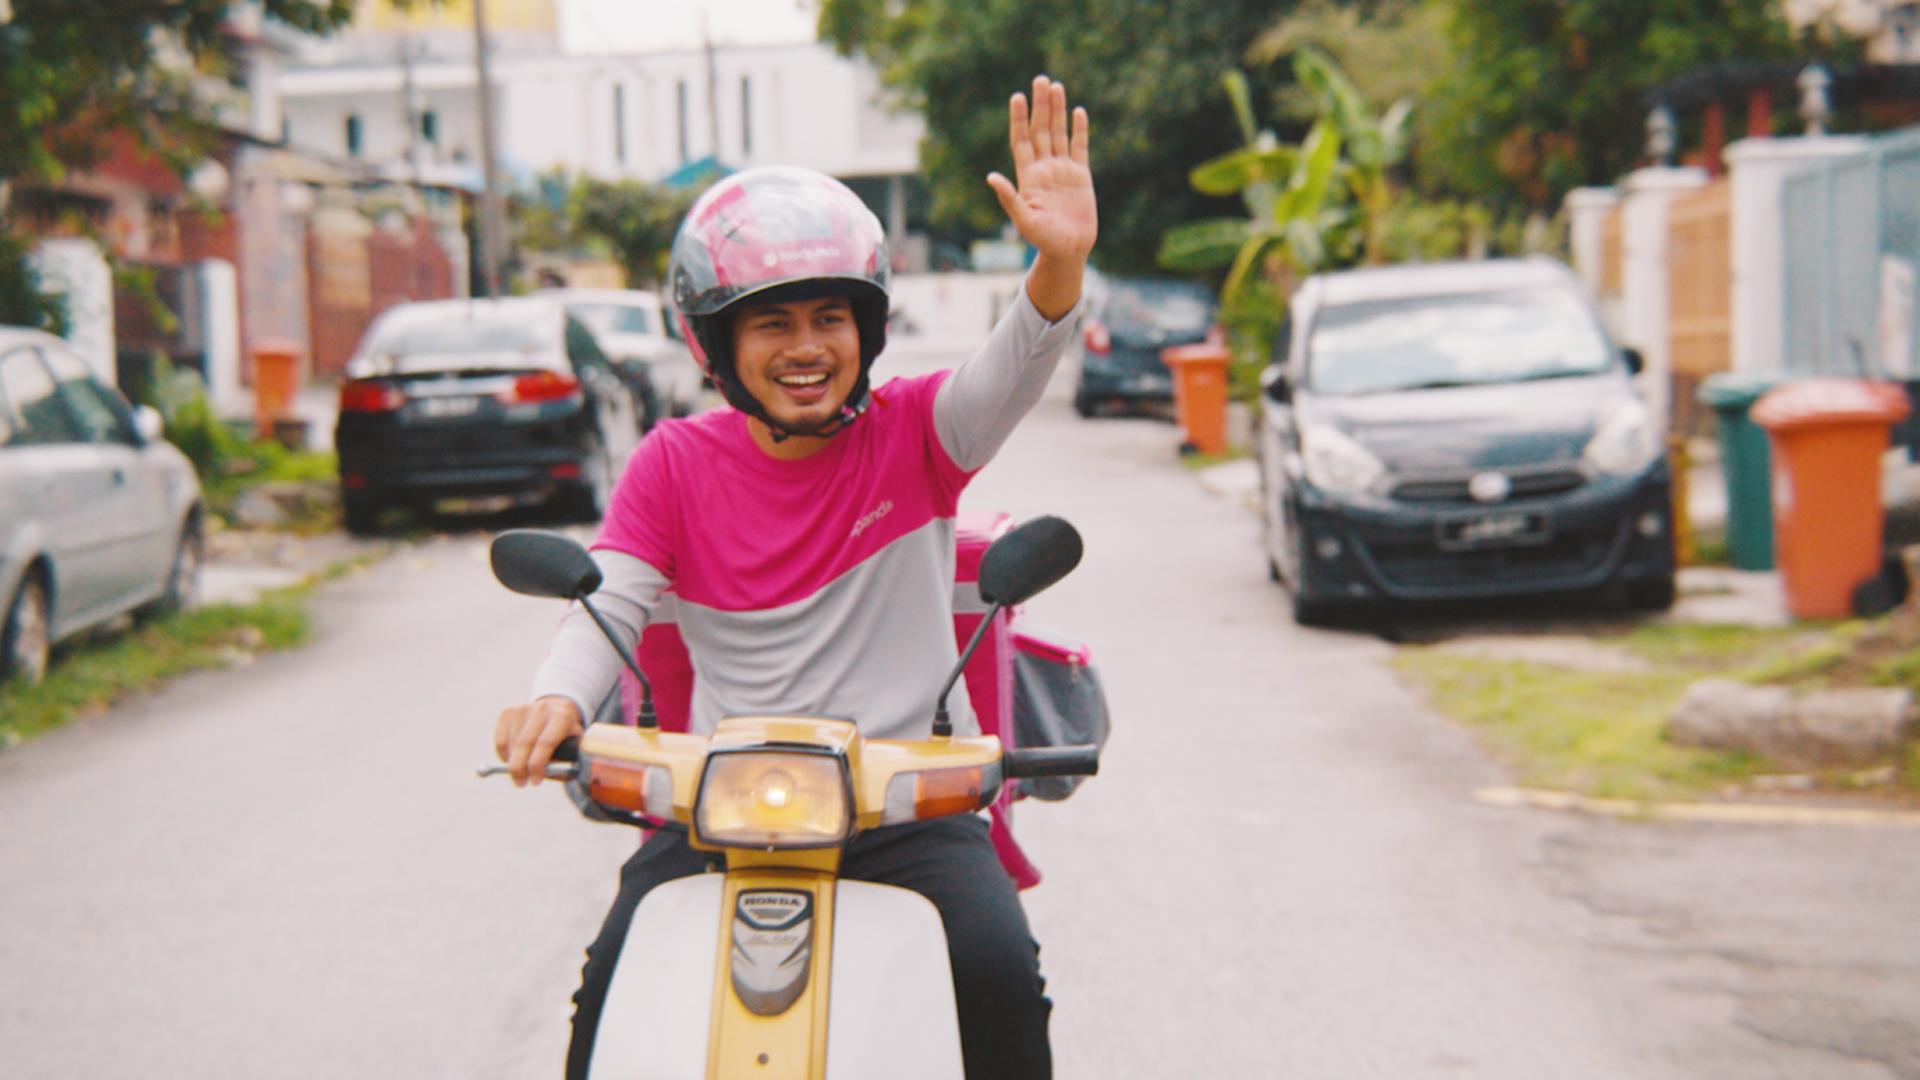 [VIDEO] Syafie Naswip Kongsi Cabaran Menjadi Rider Di Bulan Ramadan Semasa PKP.. RESPECT! 1